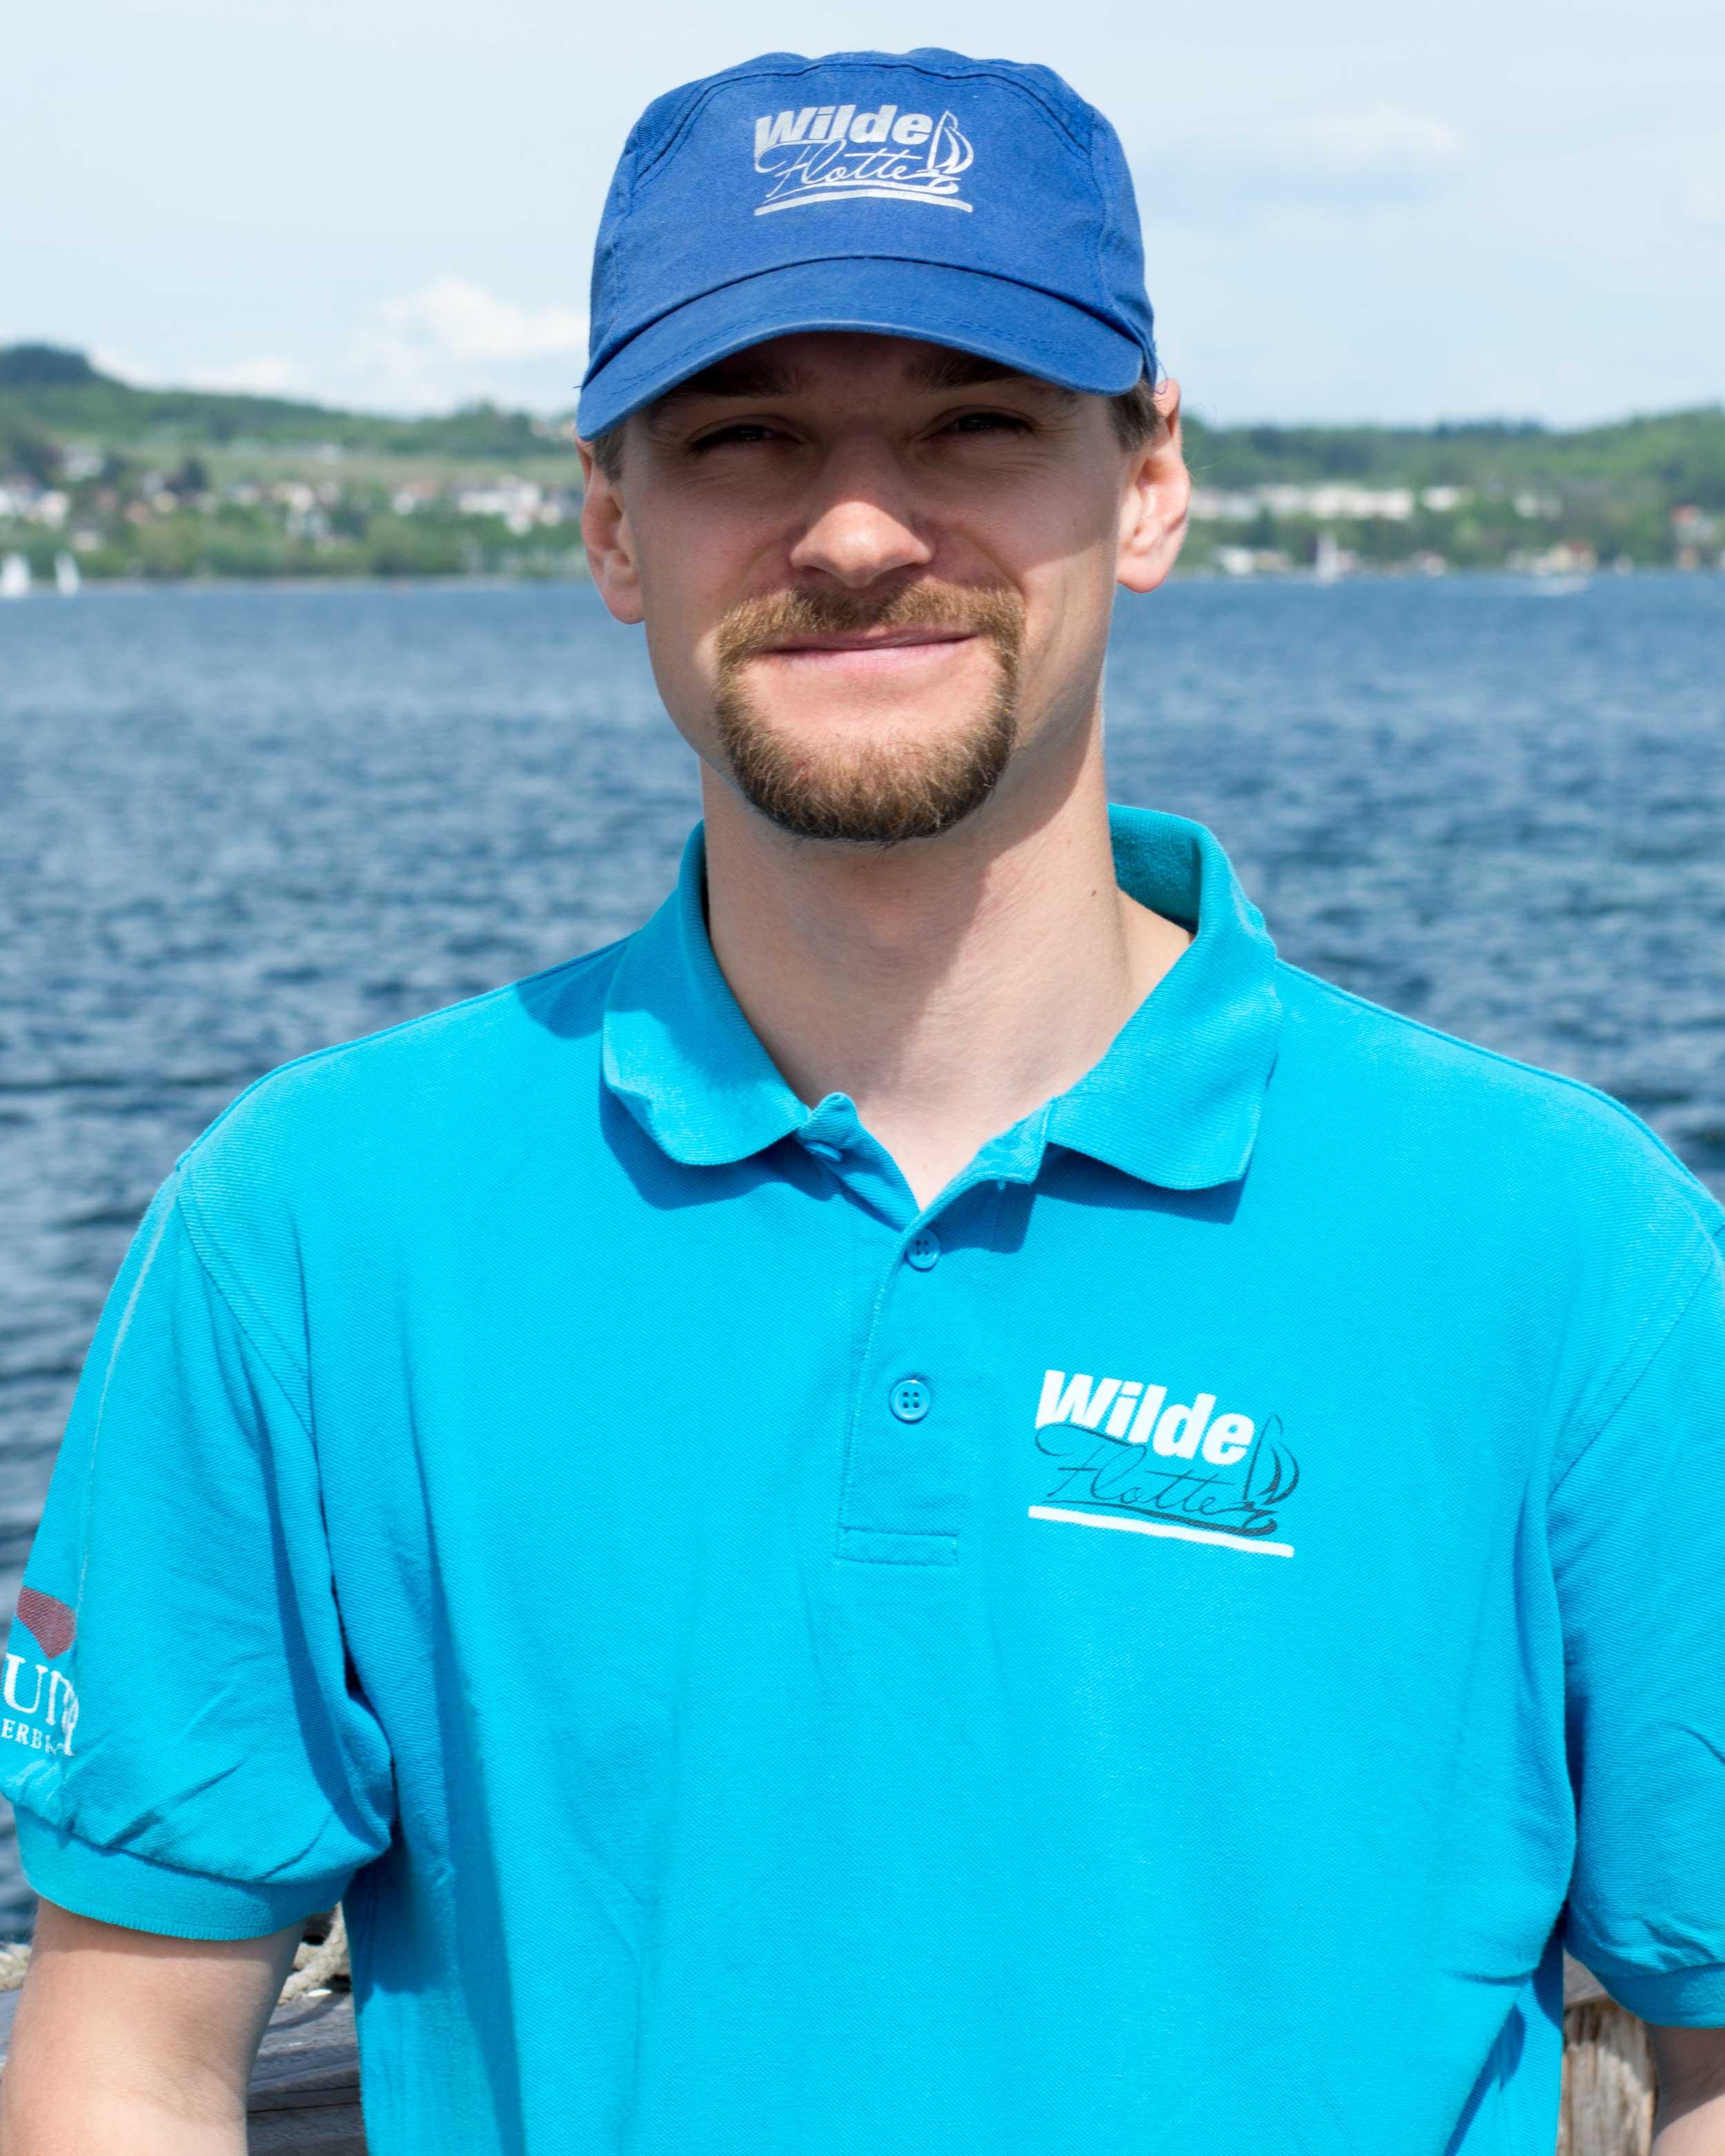 Markus - Arbeitet seit 2014 bei der Wilden Flotte. Ob Segelboot oder Motorboot, er fühlt sich überall zuhause. Wenn er nicht nicht bei uns arbeitet, ist er entweder an der Uni zu finden (Studium Maschinenbau) oder in seinem Lieblingsrevier Kroatien privat oder als Skipper auf verschiedensten Booten unterwegs.